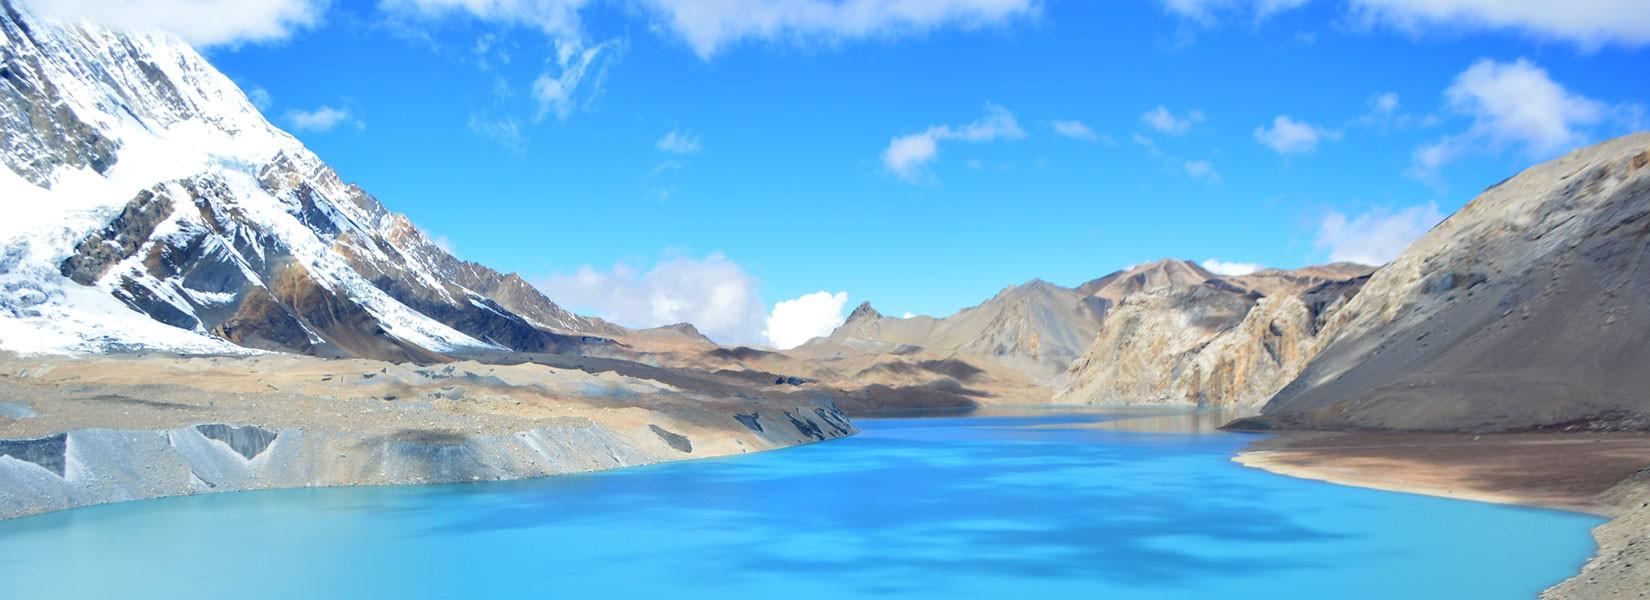 Annapurna Tilicho – Lake